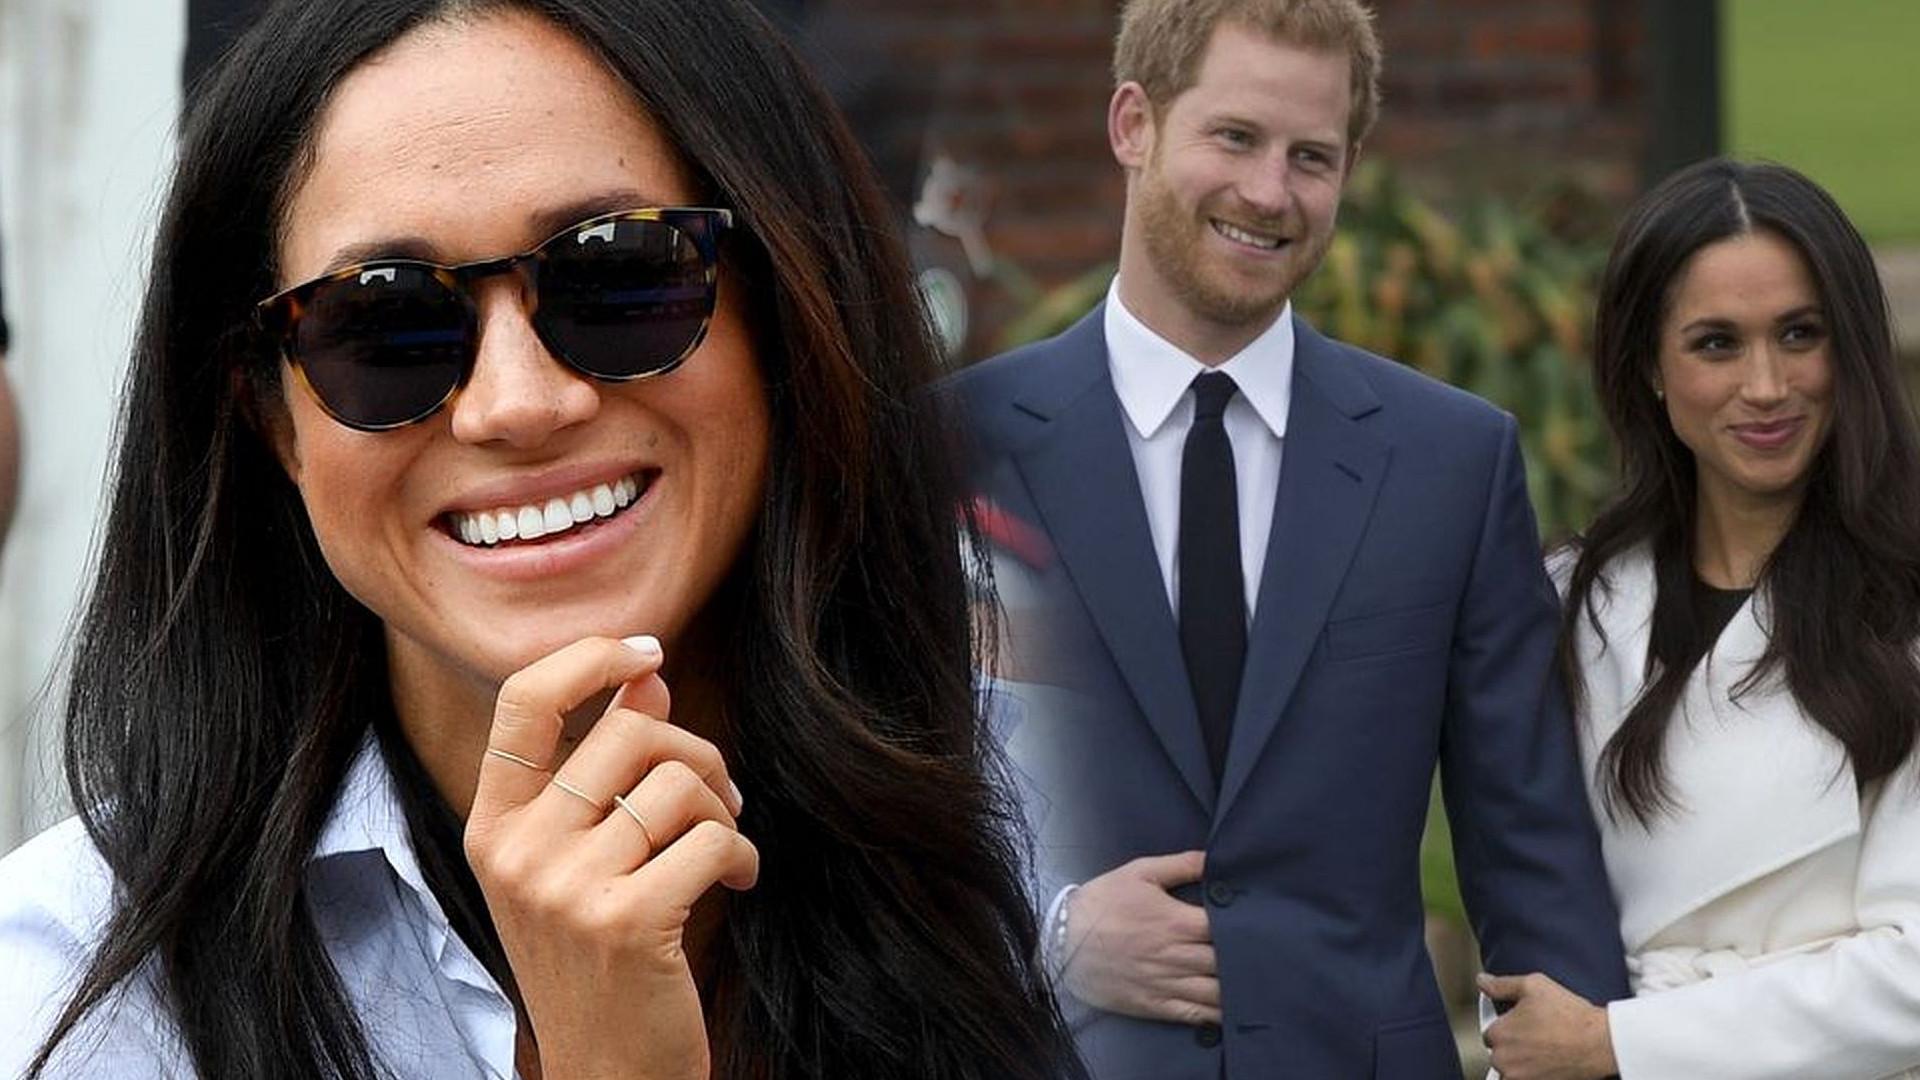 Książę Harry i księżna Meghan podzielili się zdjęciem z czasów, gdy jeszcze randkowali